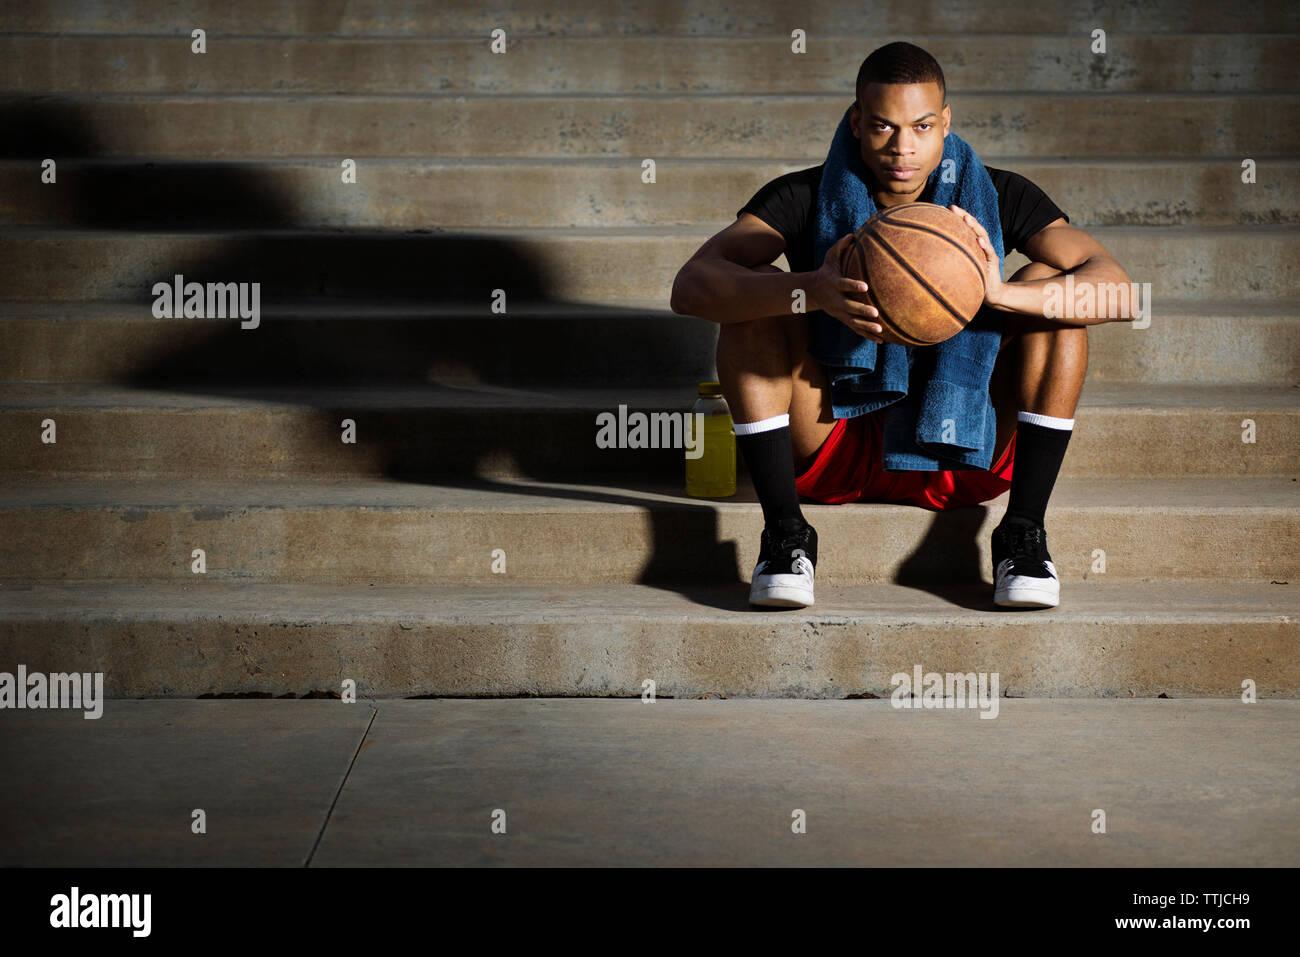 Portrait d'athlète avec le basket-ball sitting on steps Banque D'Images